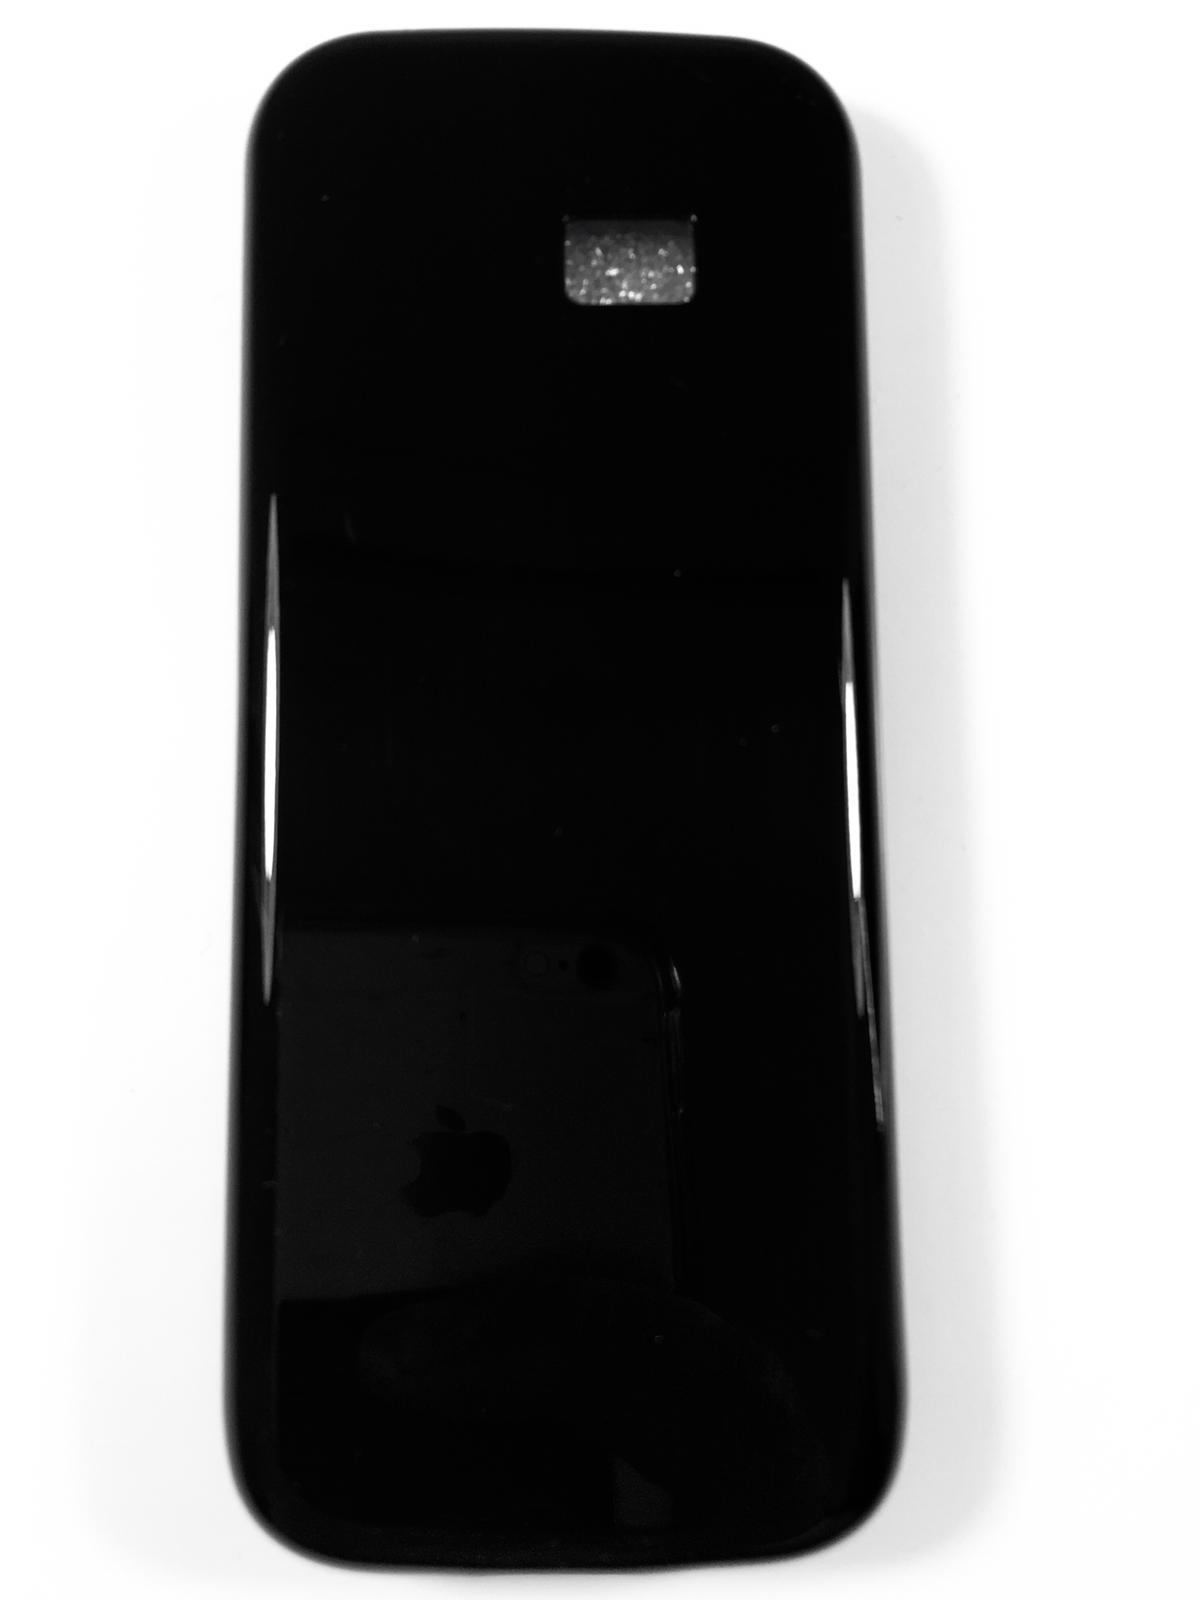 מגן סיליקון לFirst Phone G10 בצבע שחור